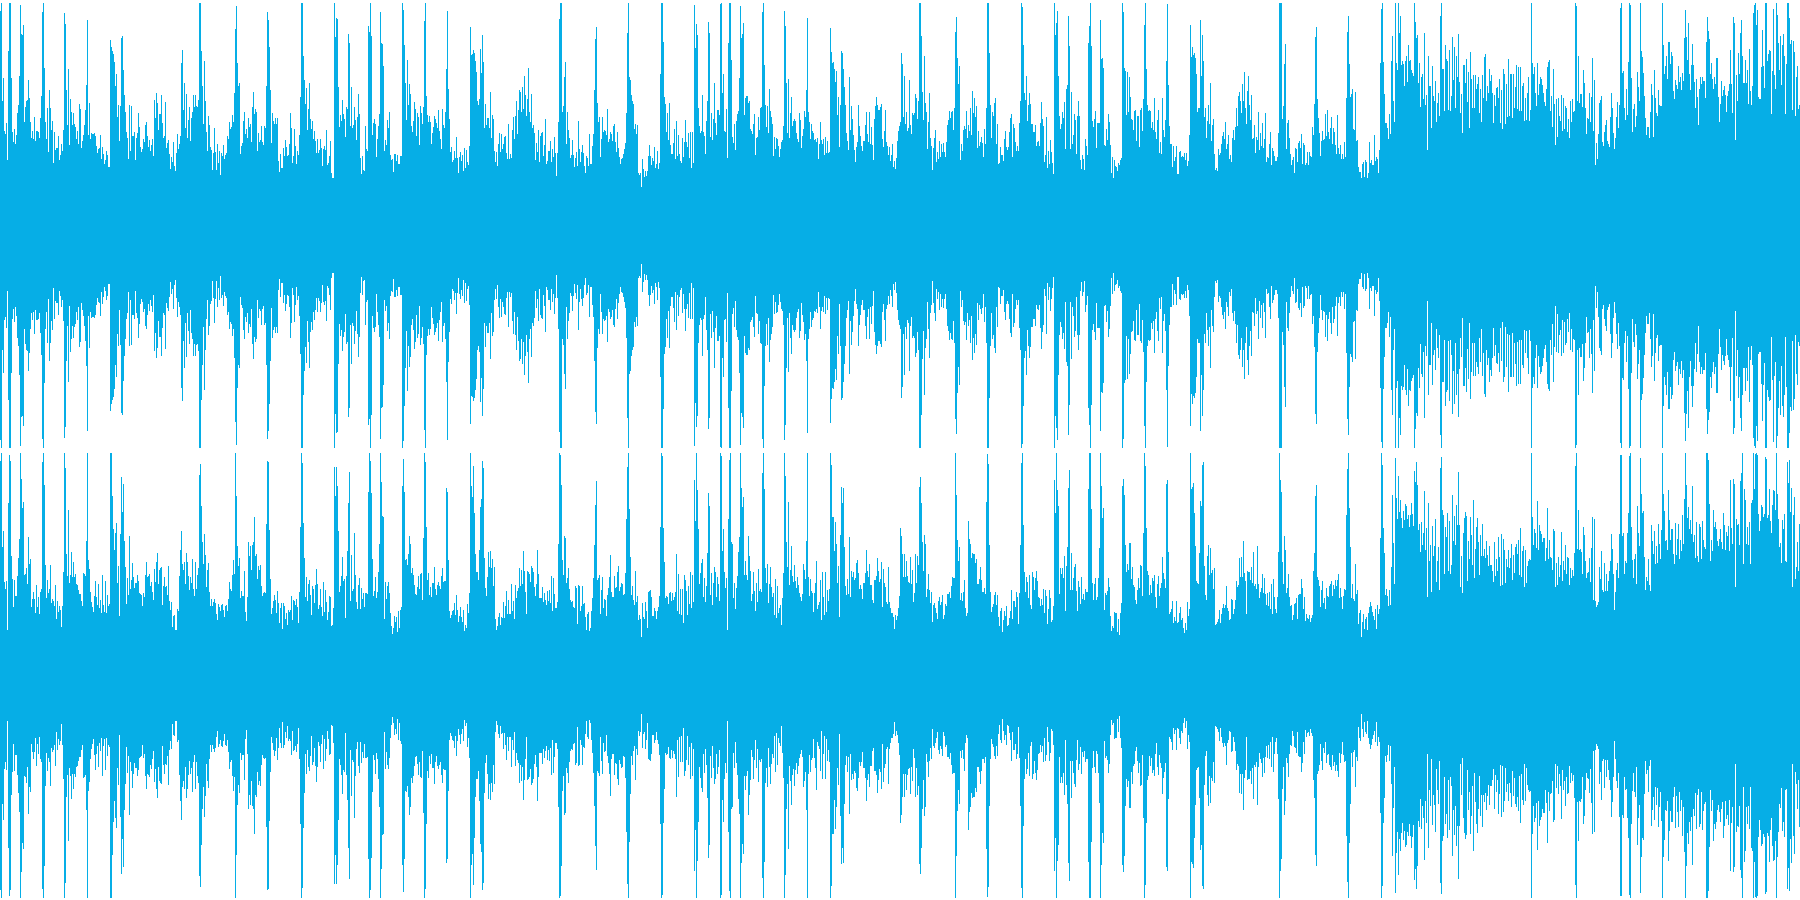 混乱・困惑・不安のブレイクビーツループの再生済みの波形